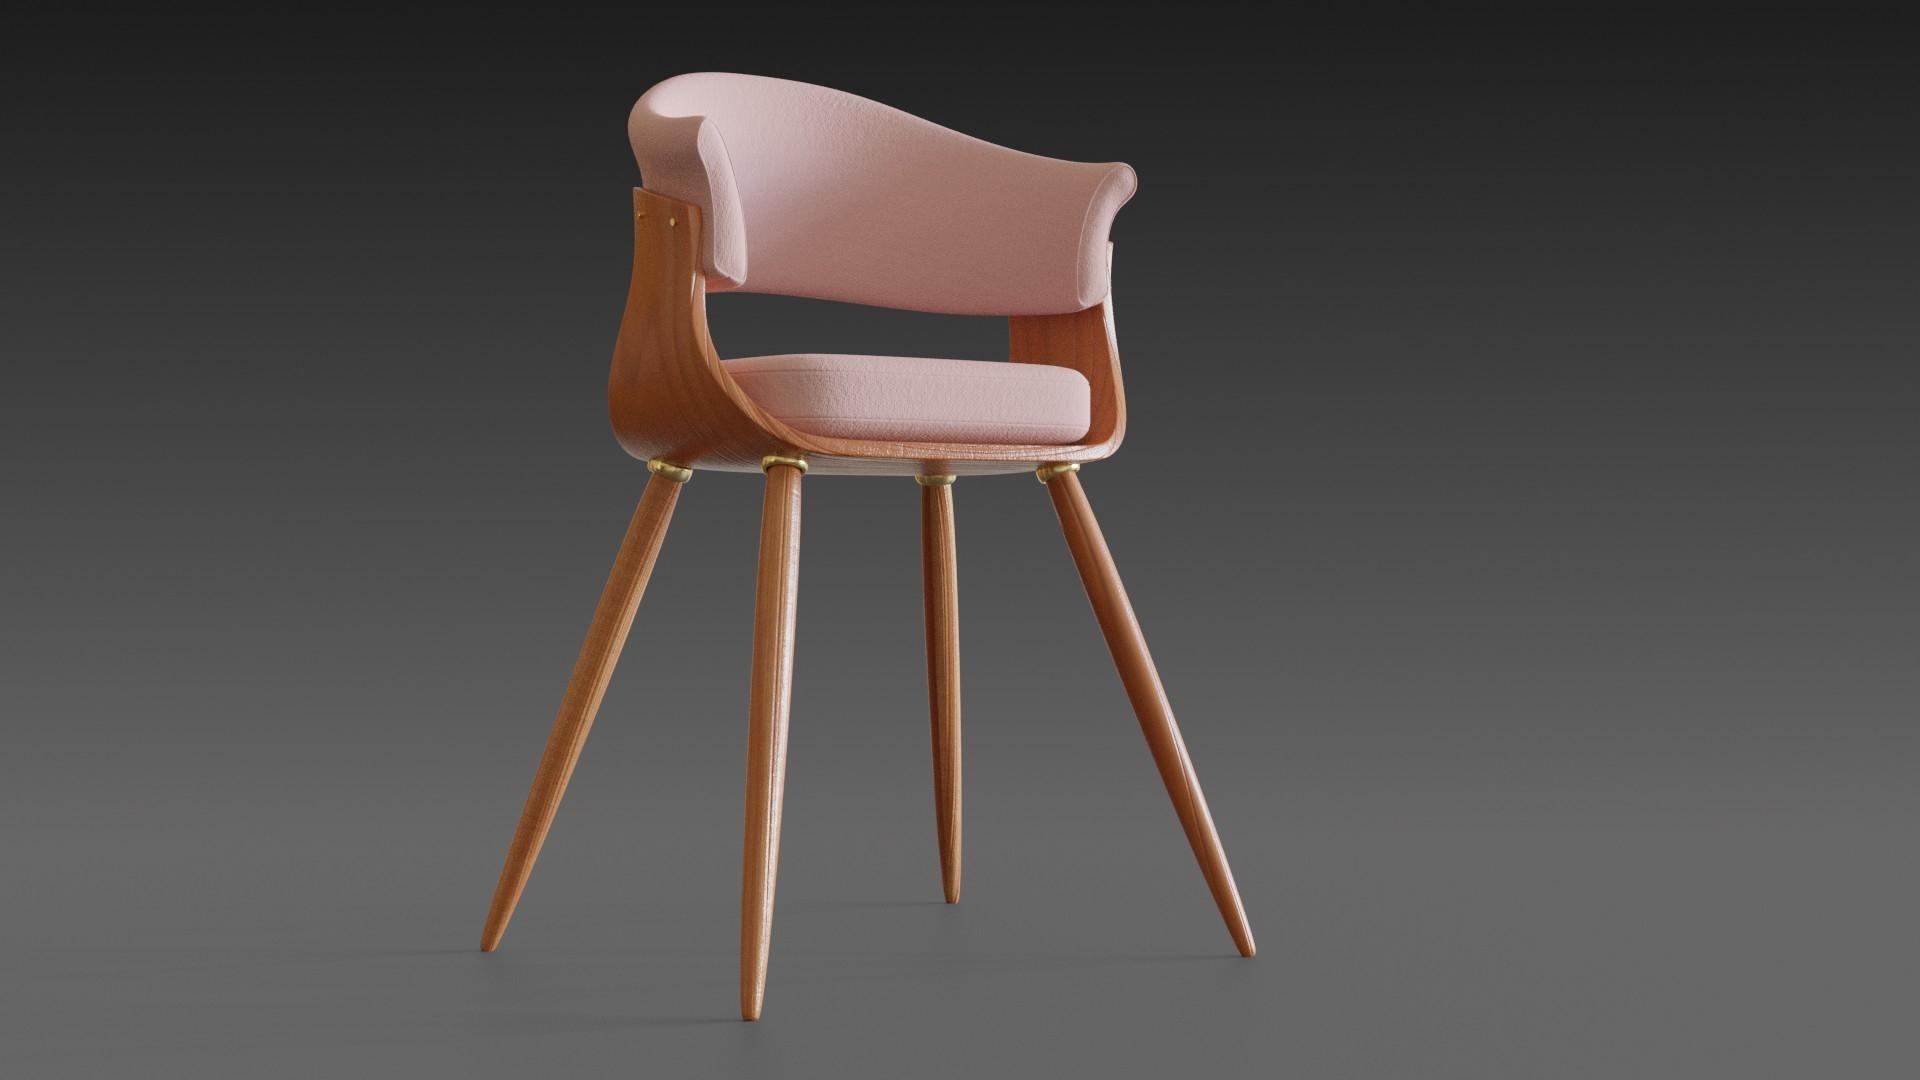 wooden chair pillow wood 3D model